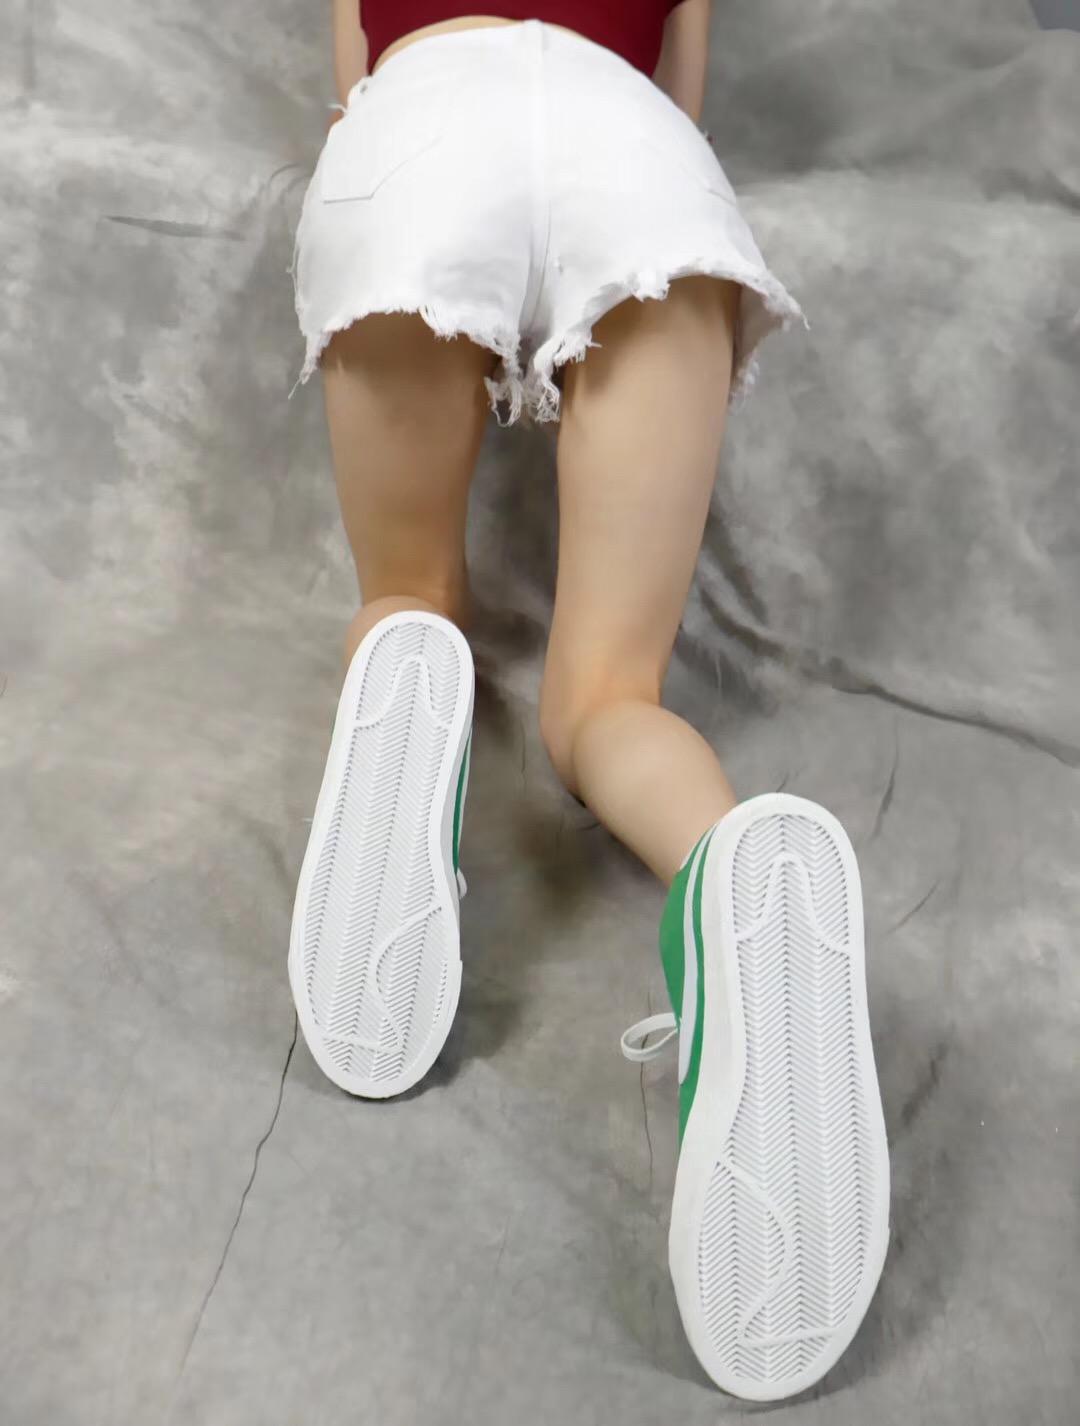 Giày nike nữ SB màu xanh